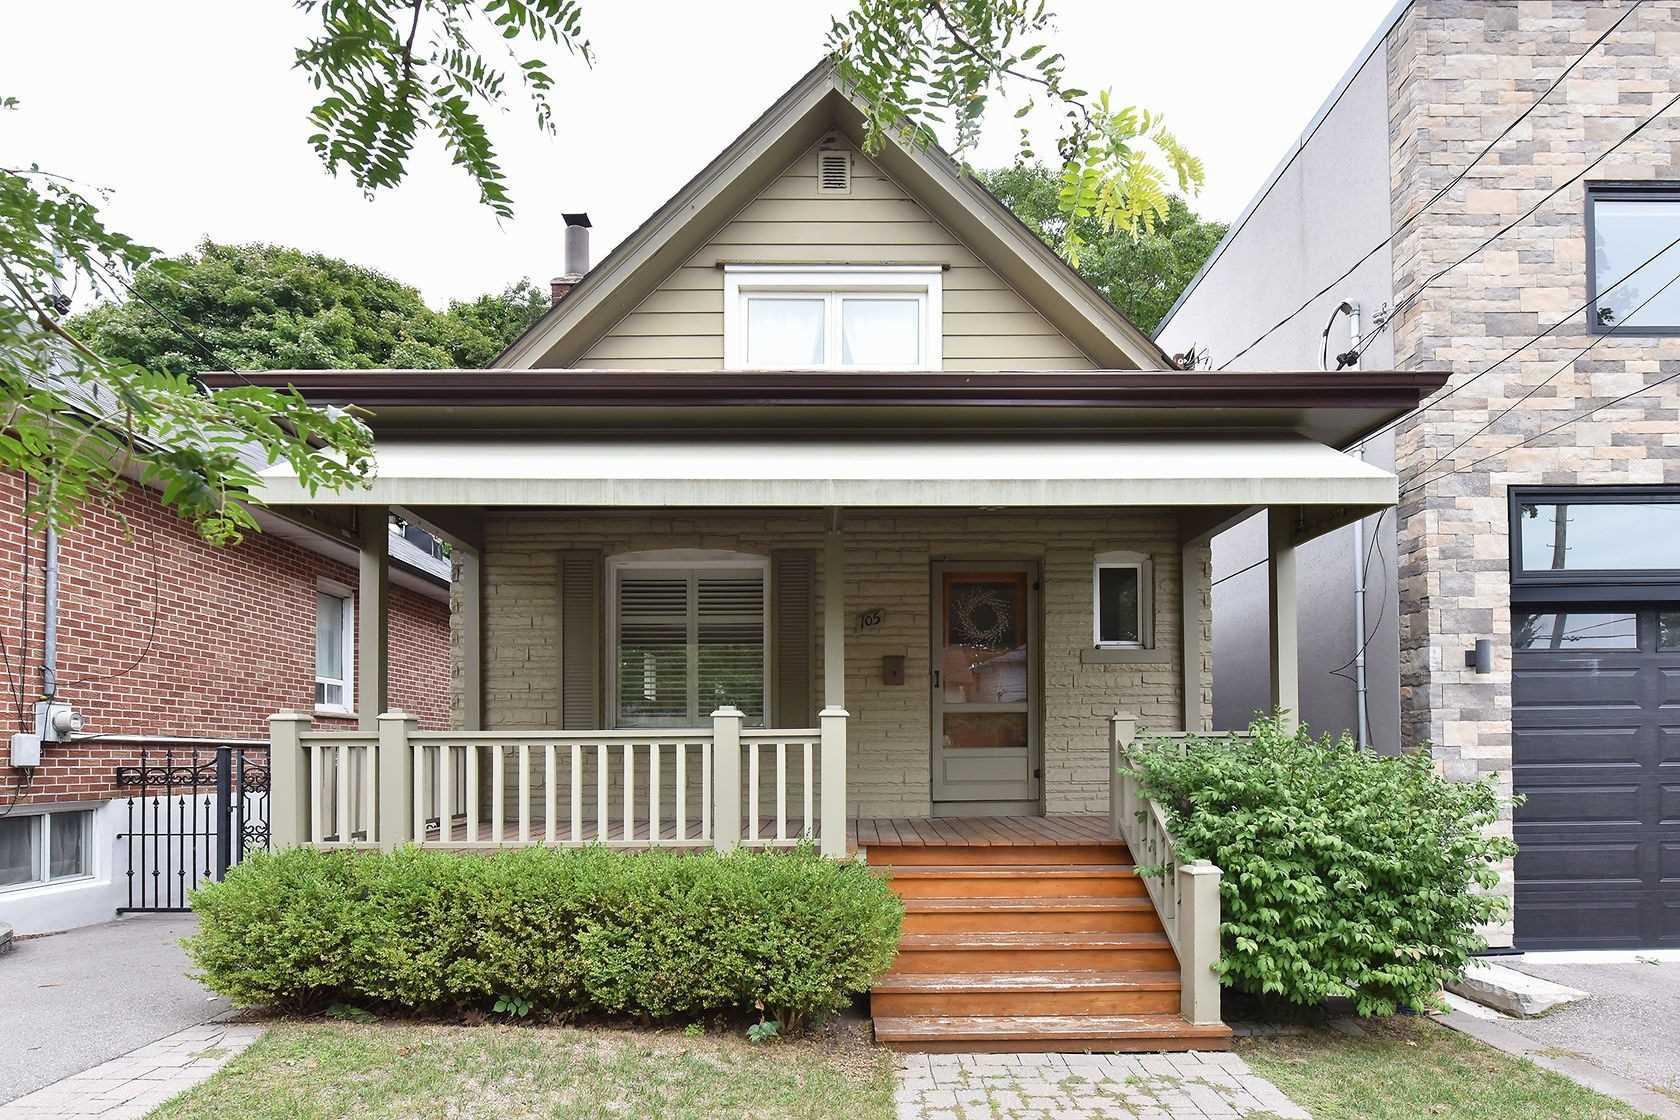 105 Kildonan Dr, Toronto, Ontario M1N 3B9, 2 Bedrooms Bedrooms, 5 Rooms Rooms,1 BathroomBathrooms,Detached,For Sale,Kildonan,E4909510